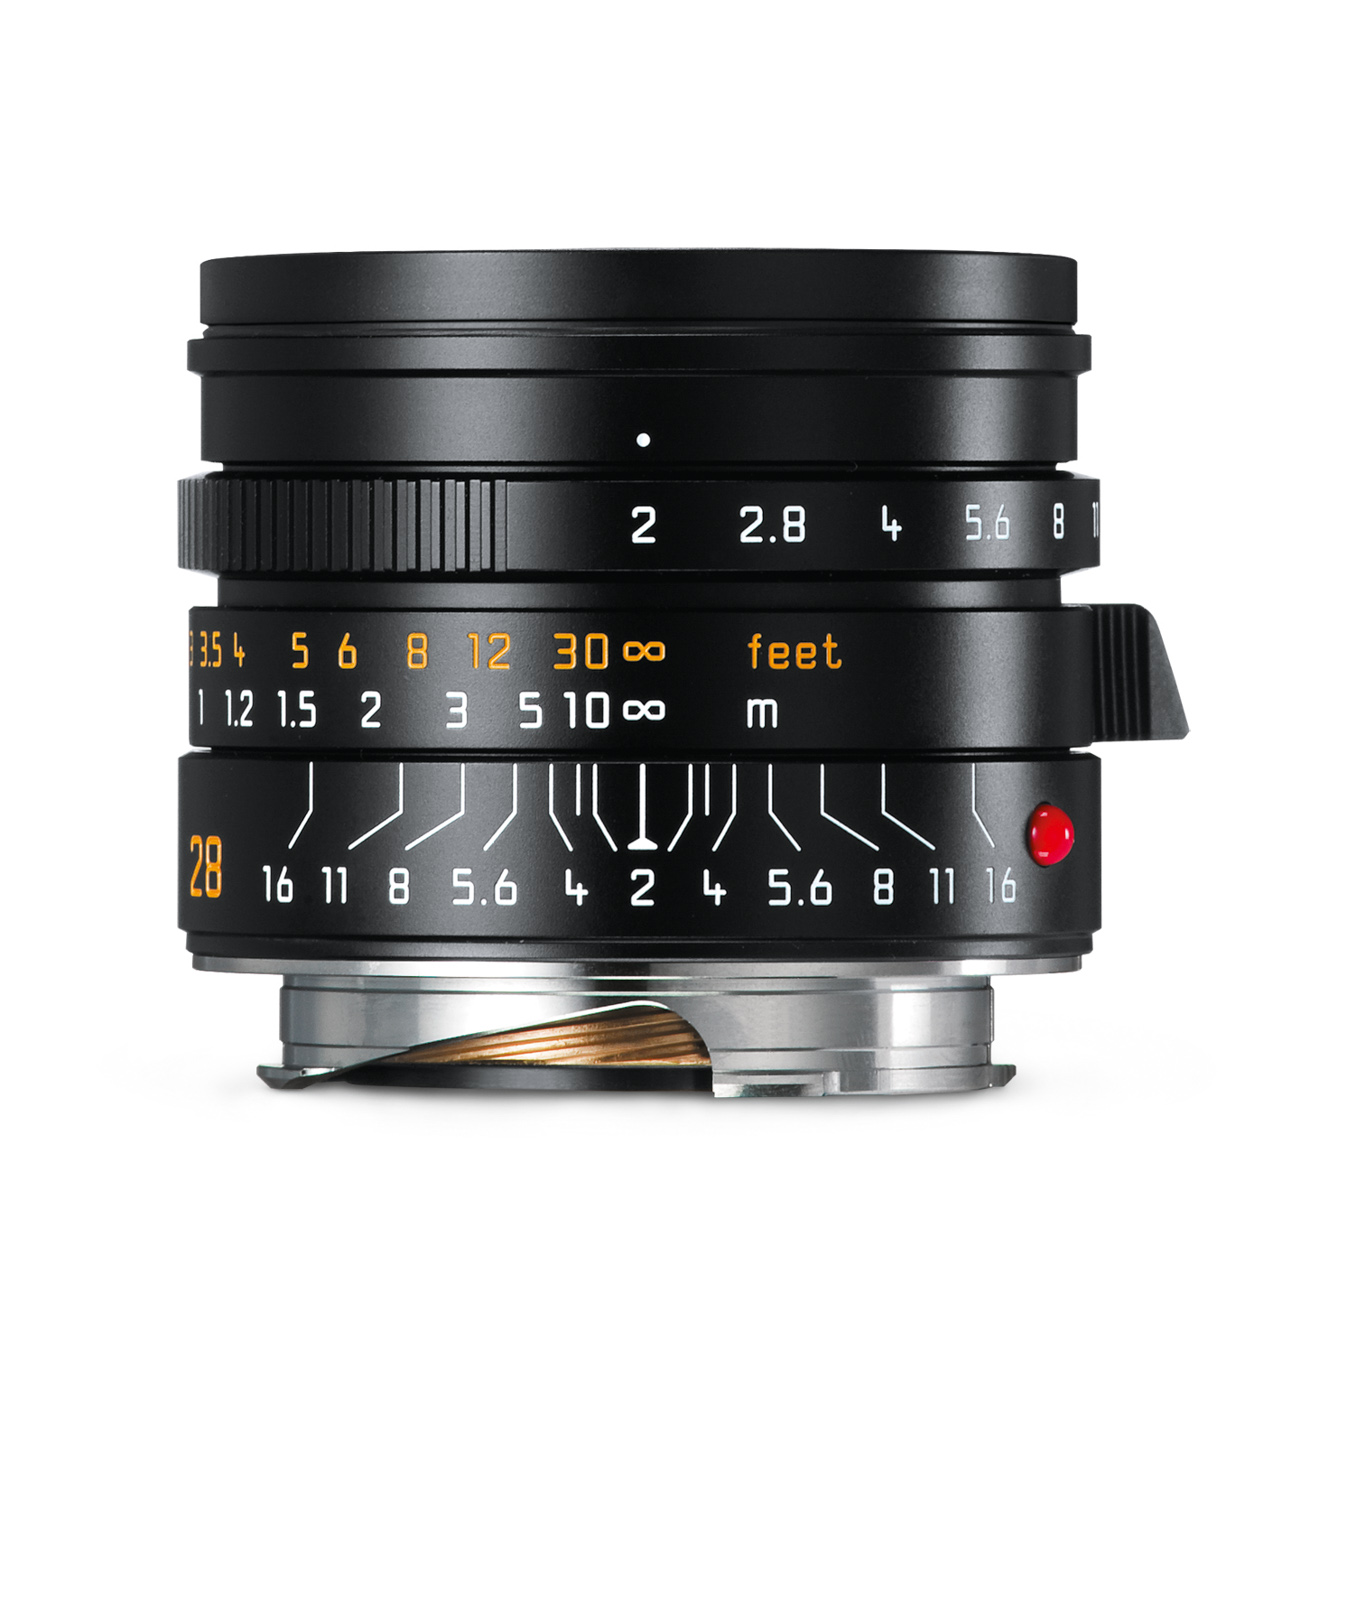 Leica Summicron-M 1:2/28 ASPH